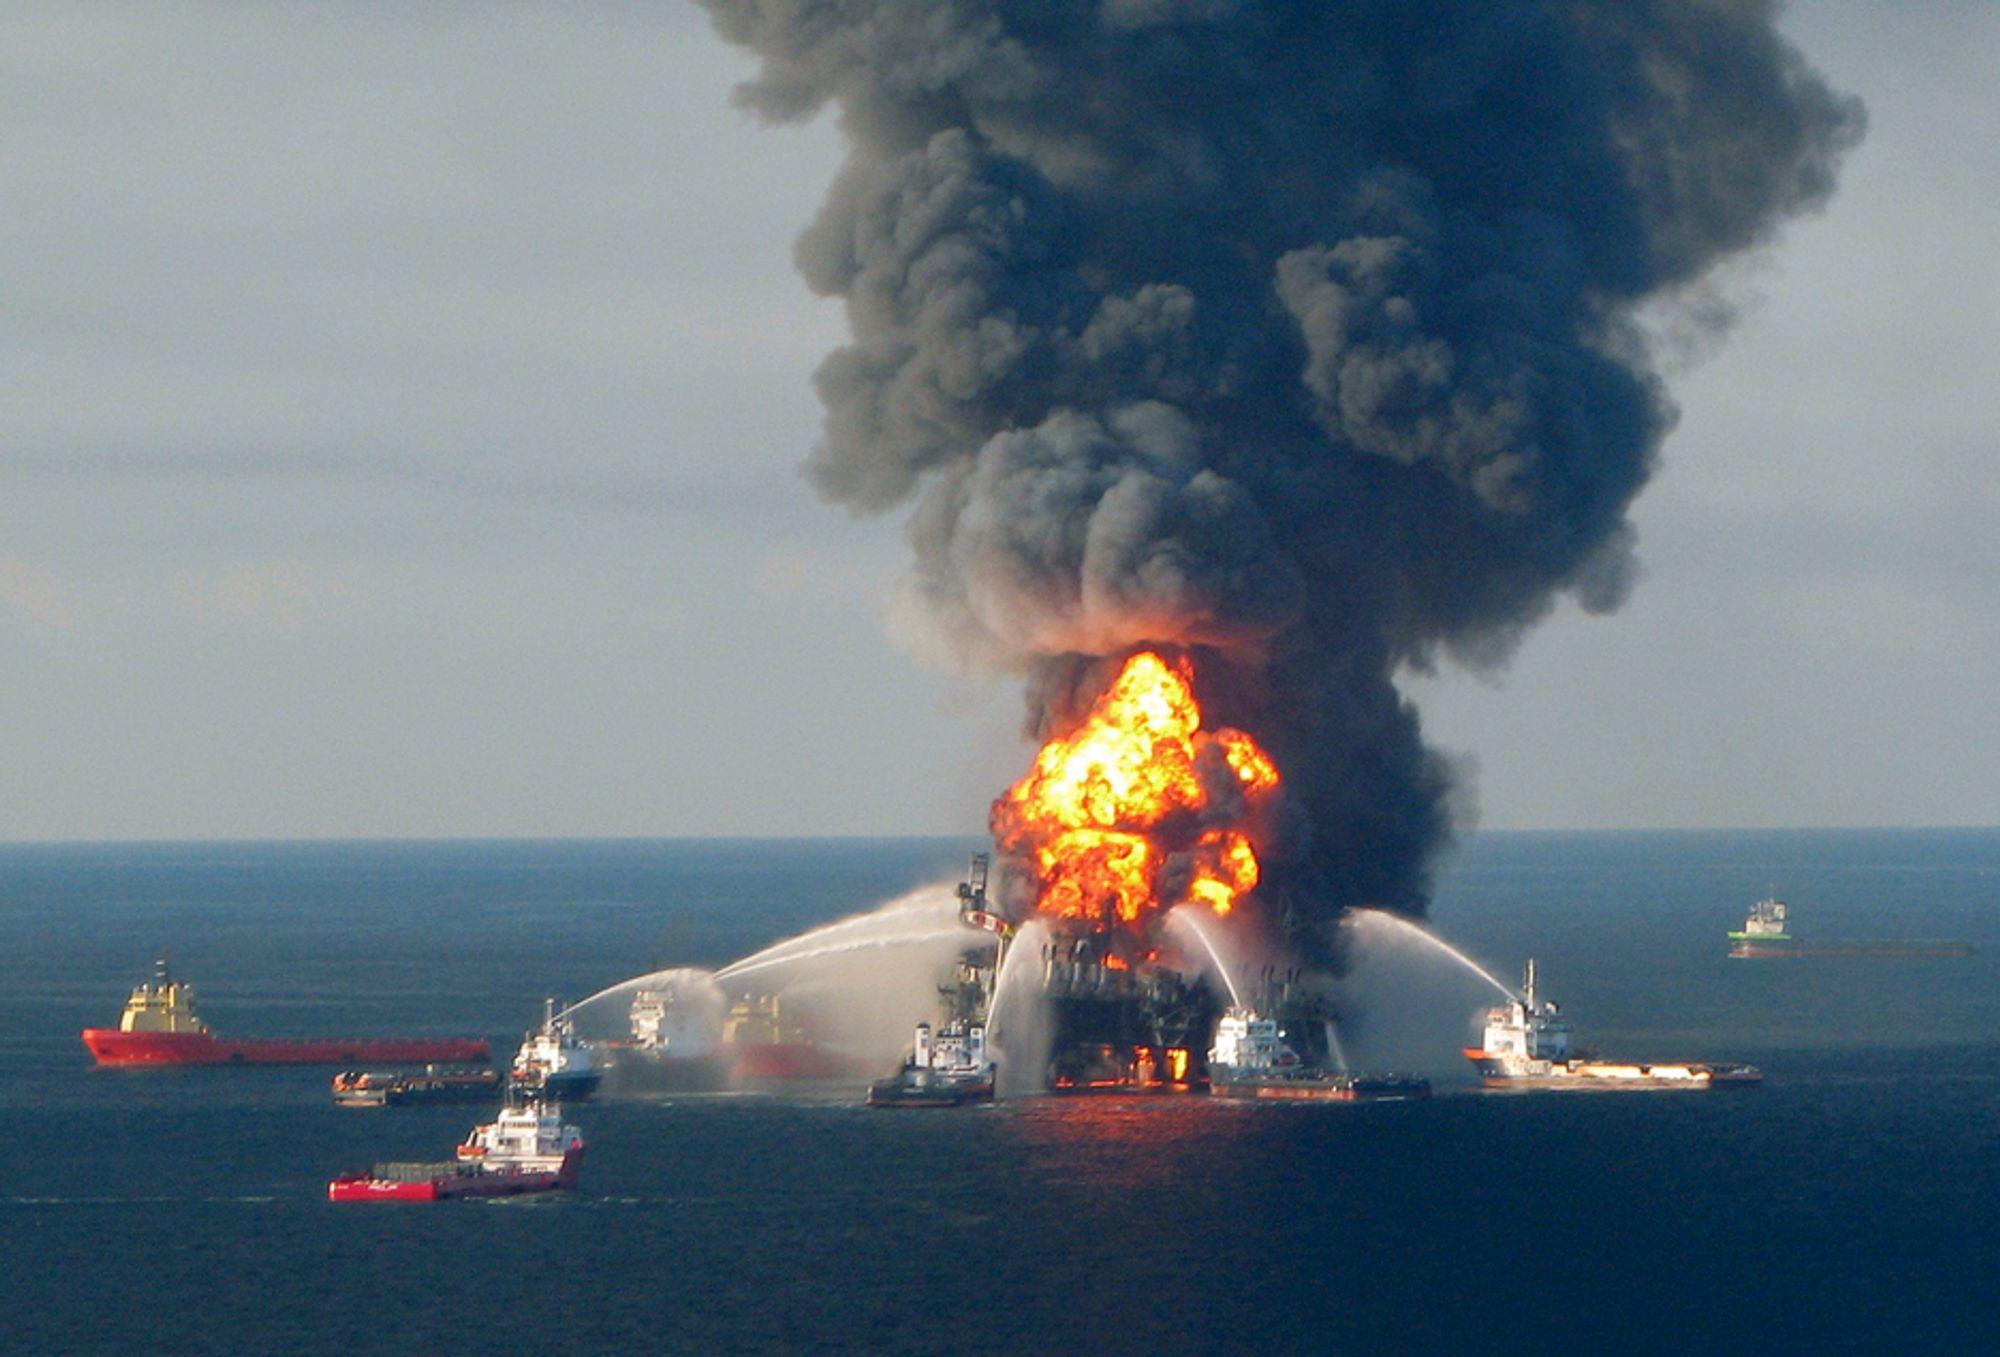 Brannmannskaper forsøkte lenge å slukke flammene på oljeriggen Deepwater Horizon i Mexicogolfen. Men brannen tok ikke slutt før plattformen sank. Det lekker fortsatt fra brønnen, og ingen vet når lekkasjen vil stoppes.